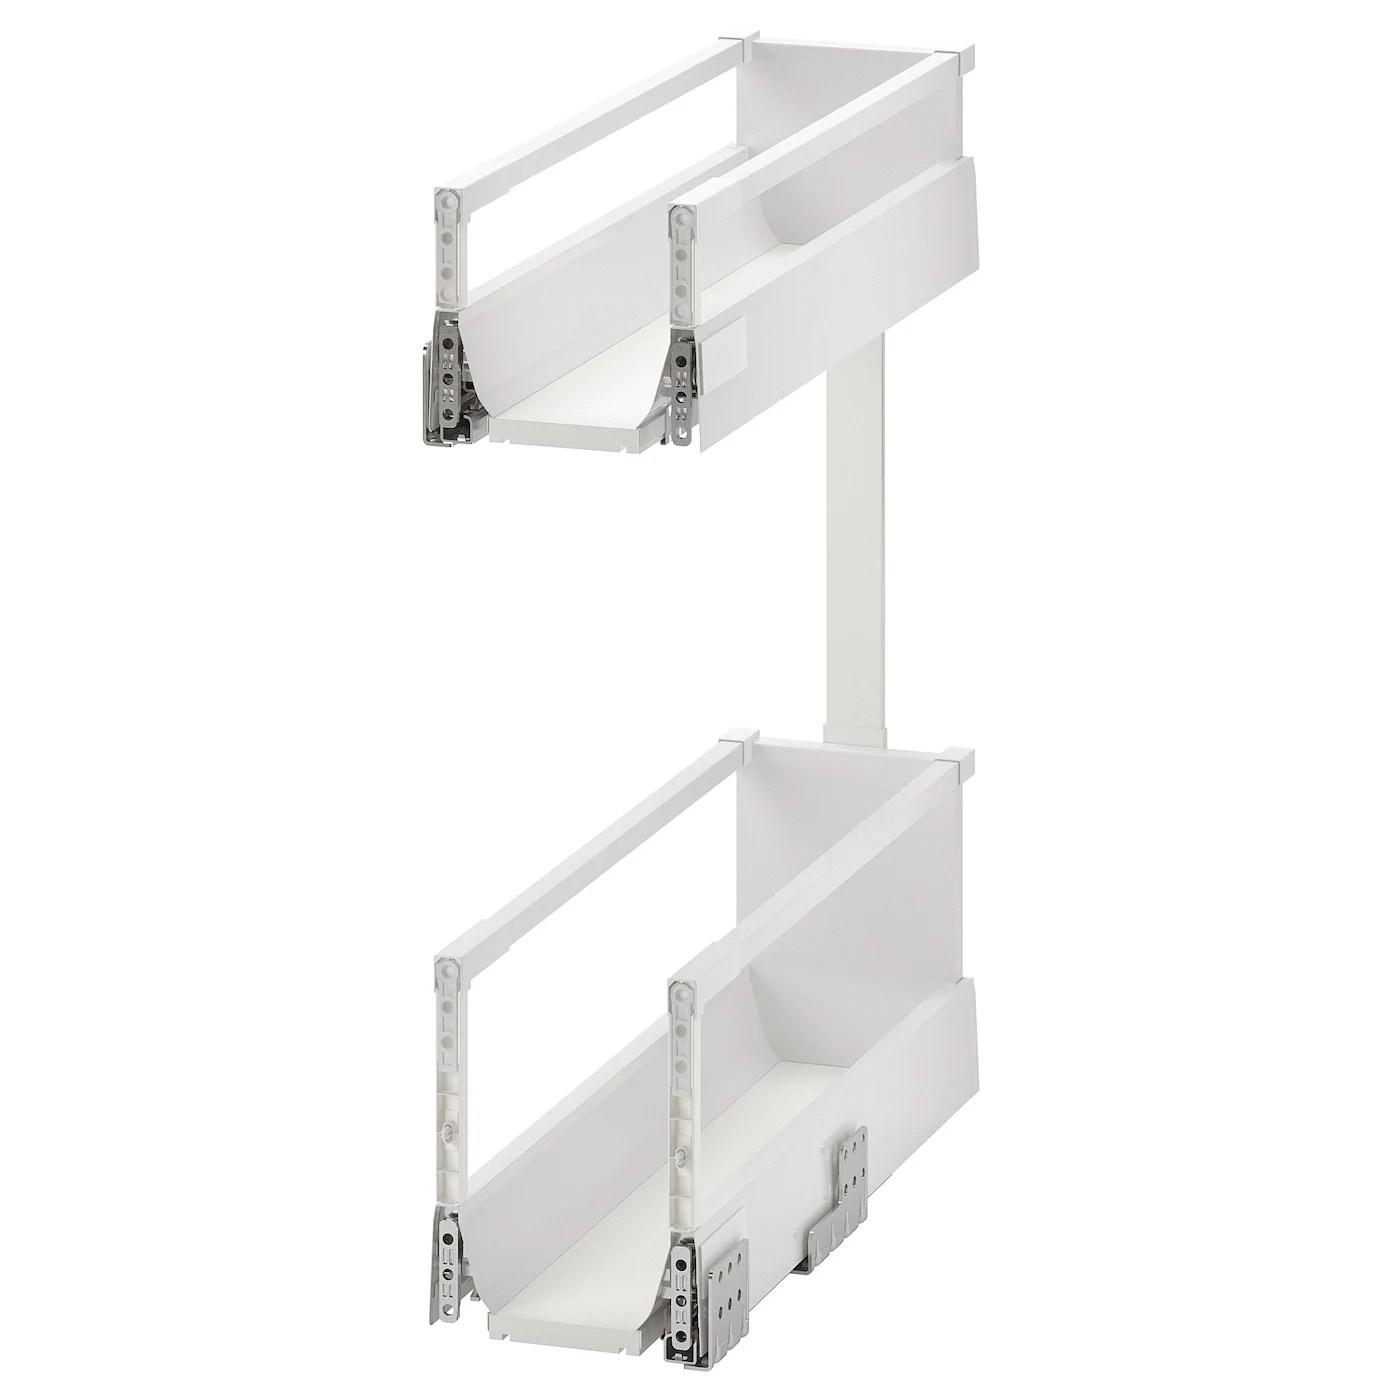 Una cucina componibile ikea una soluzione. Maximera Accessori Interni Estraibili Leggi I Dettagli Del Prodotto Clicca Qui Ikea It